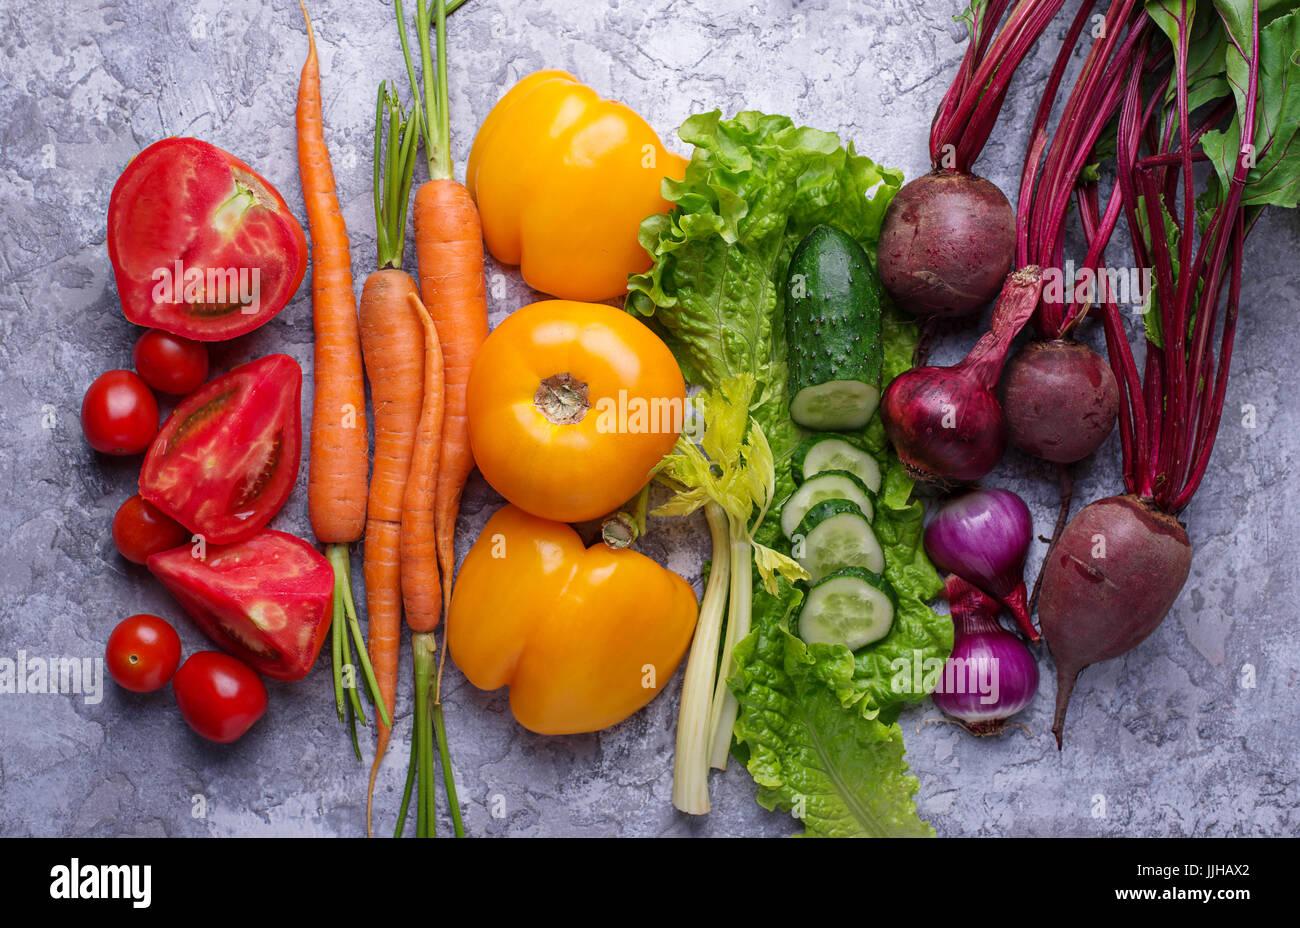 Rainbow verdure colorate. Cibo sano concetto. Vista superiore Immagini Stock